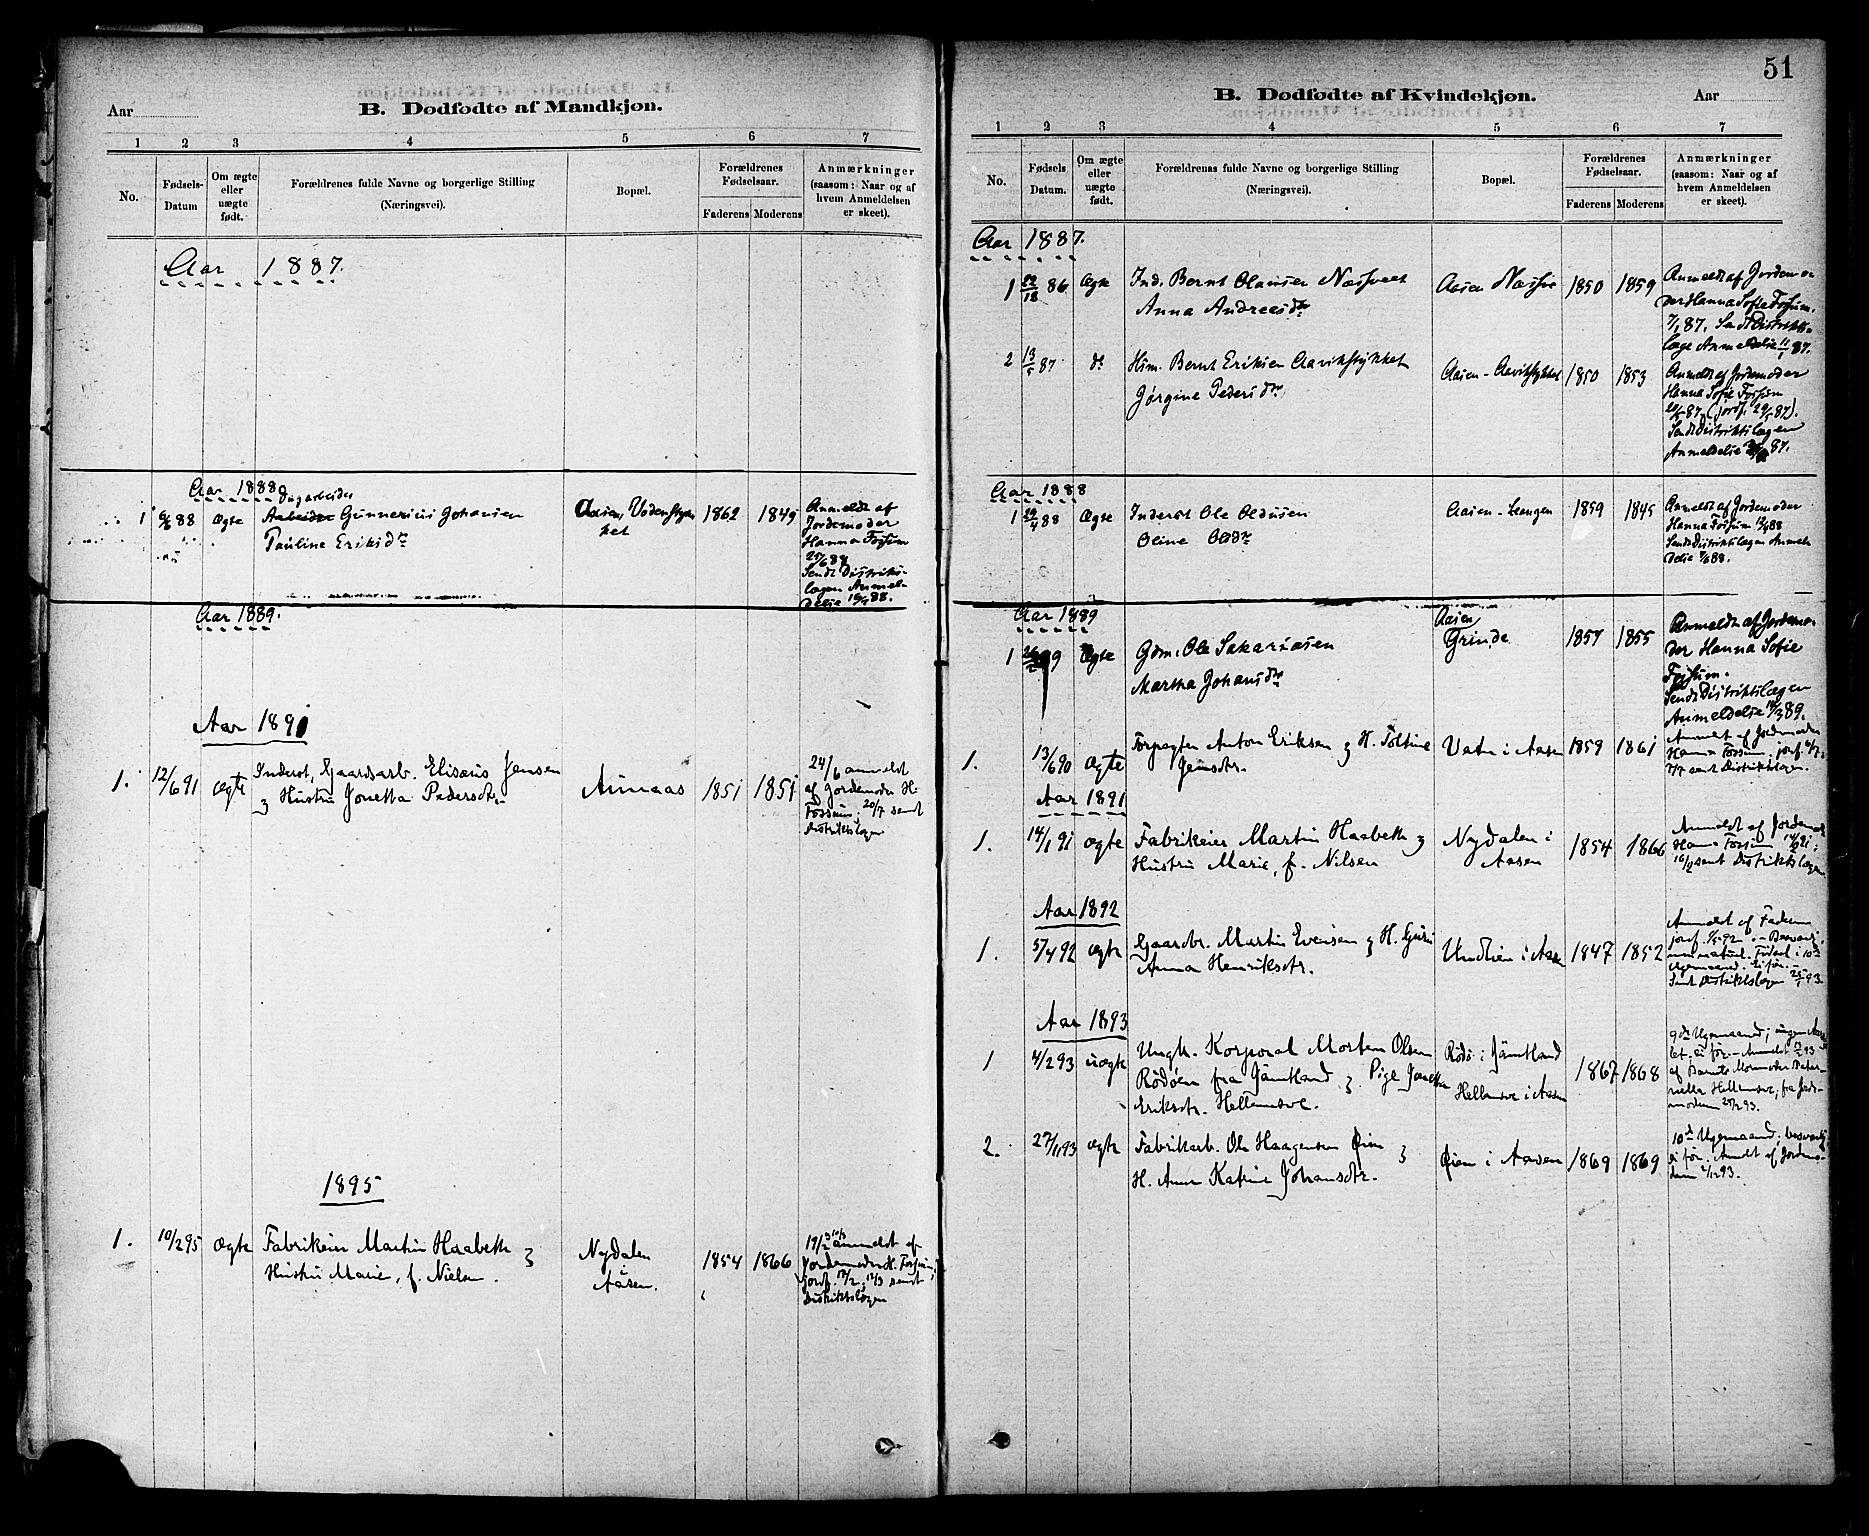 SAT, Ministerialprotokoller, klokkerbøker og fødselsregistre - Nord-Trøndelag, 714/L0130: Ministerialbok nr. 714A01, 1878-1895, s. 51